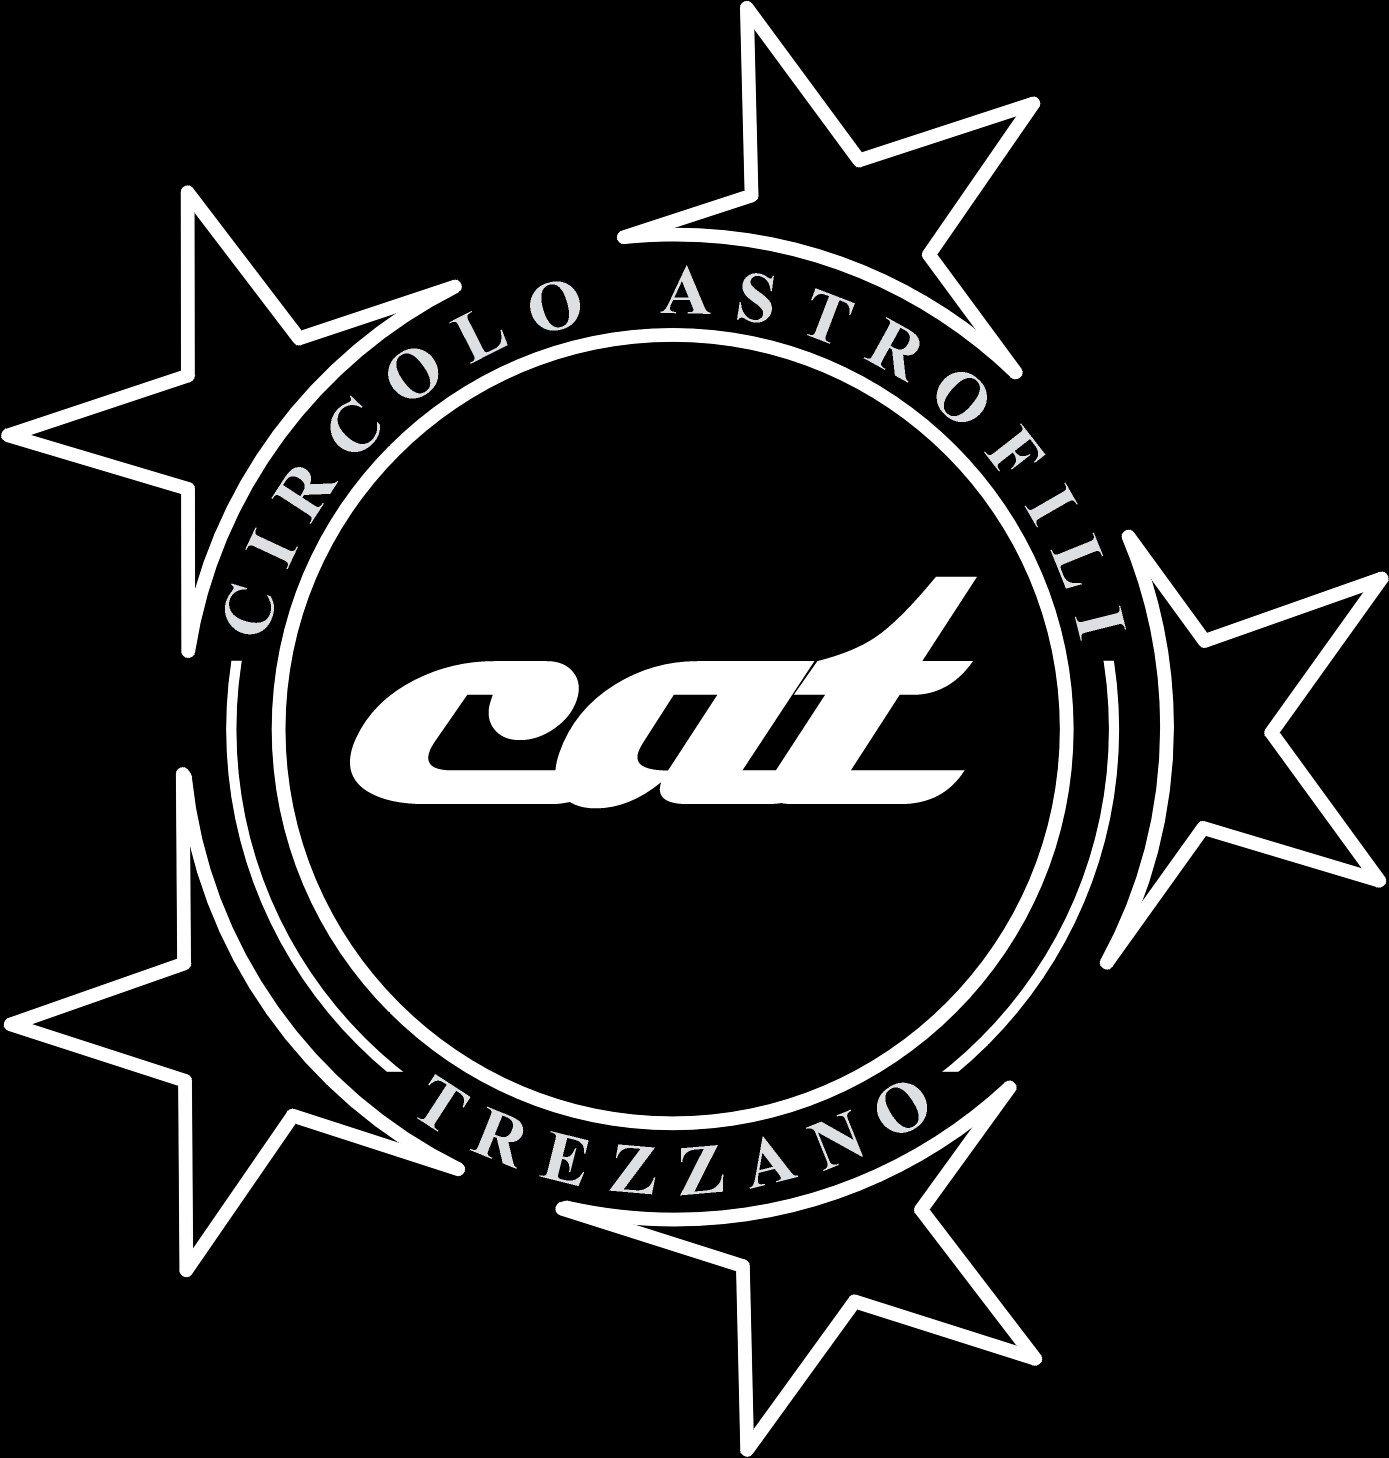 """Astronomia: """"Polvere di stelle"""" con il Circolo Astrofili Trezzano"""